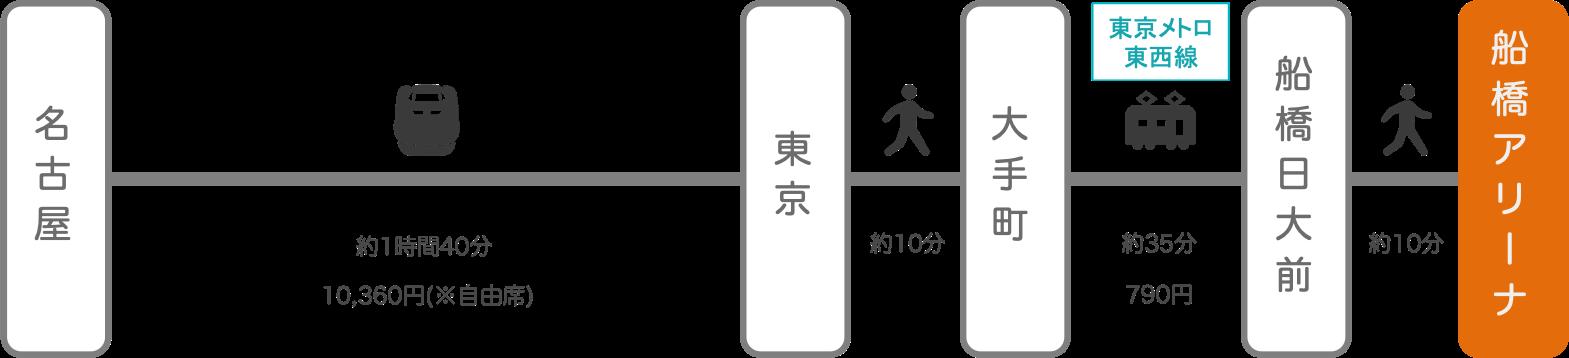 船橋アリーナ_名古屋(愛知)_新幹線